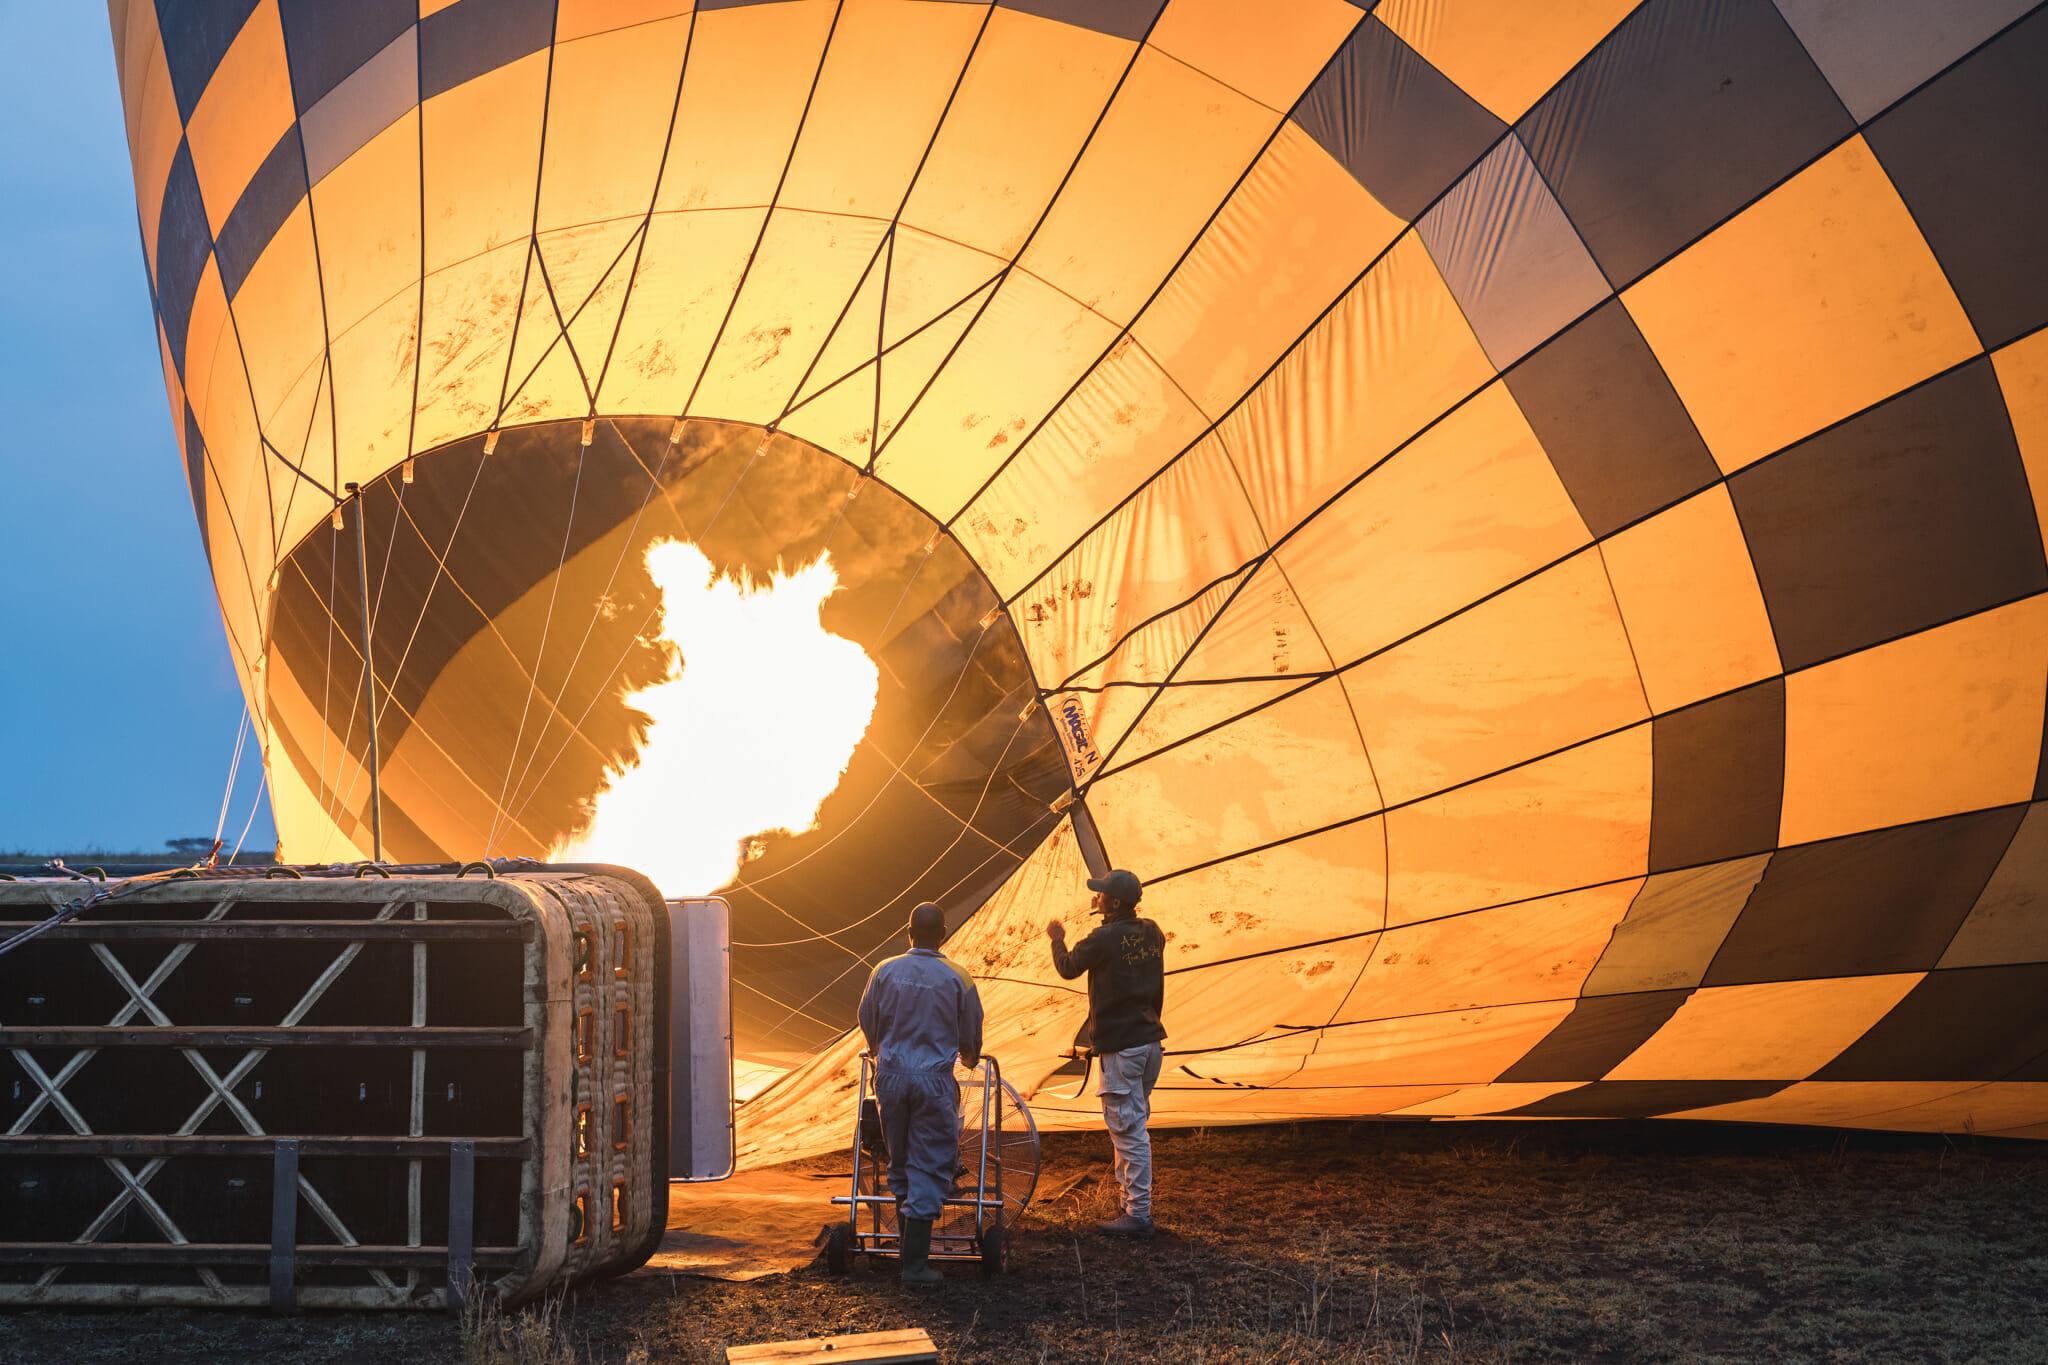 Safari en montgolfiere dans le Serengeti